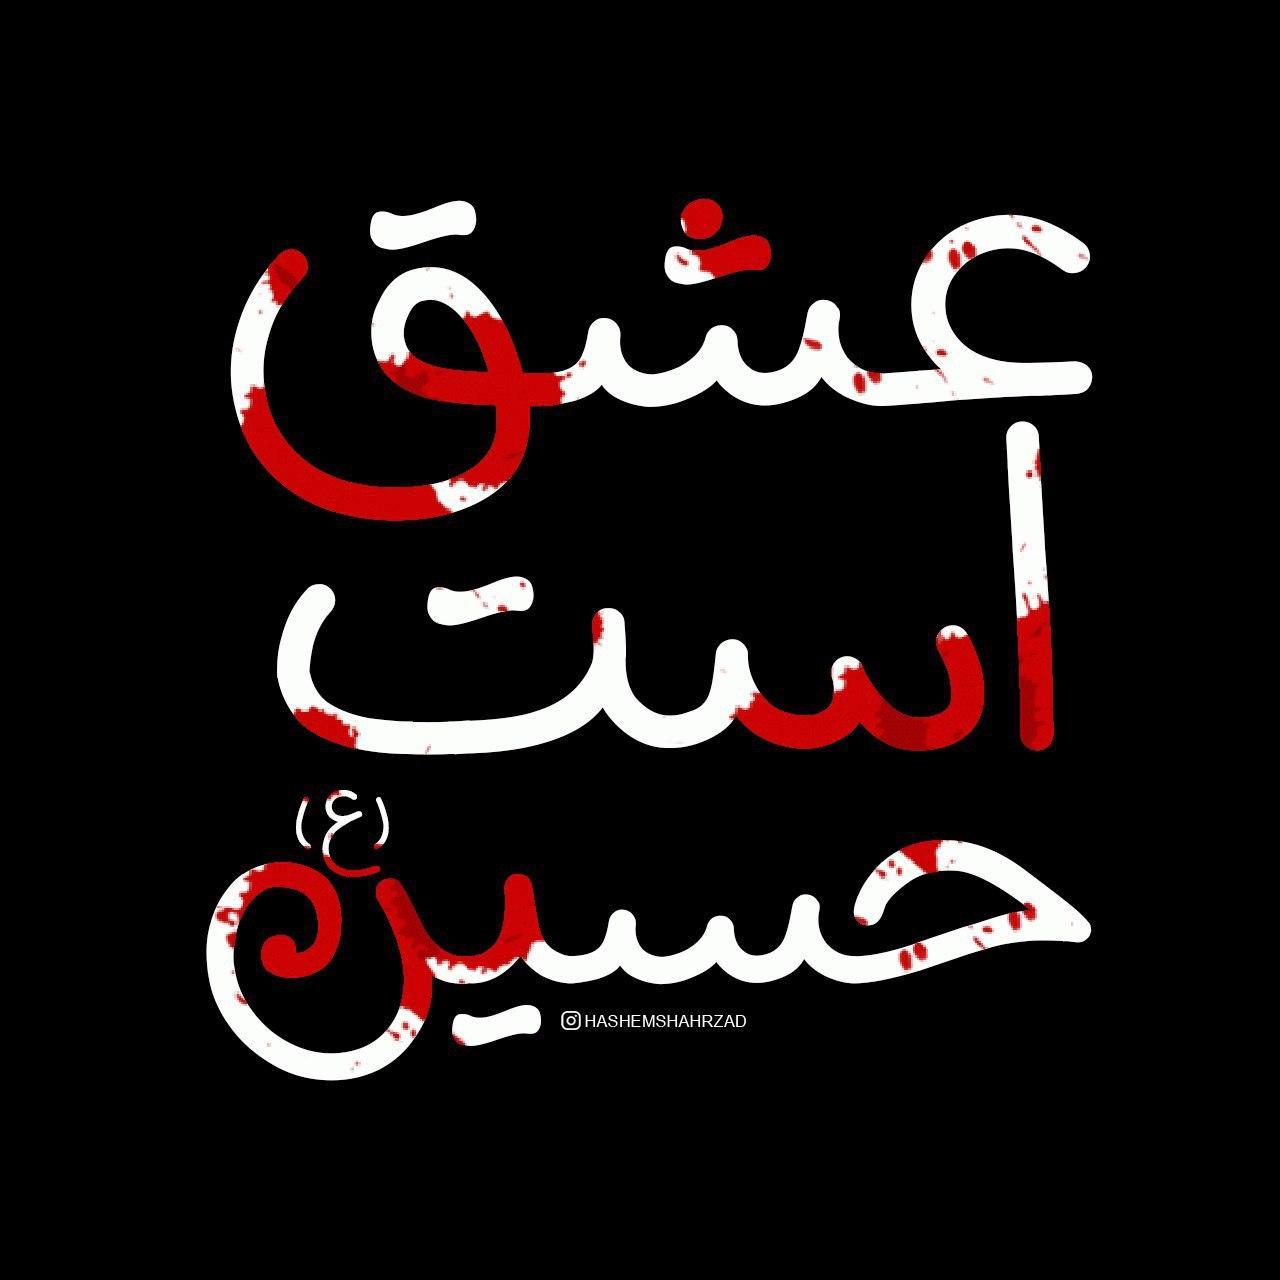 دانلود فونت دستنویس فارسی دالغا Dalgha